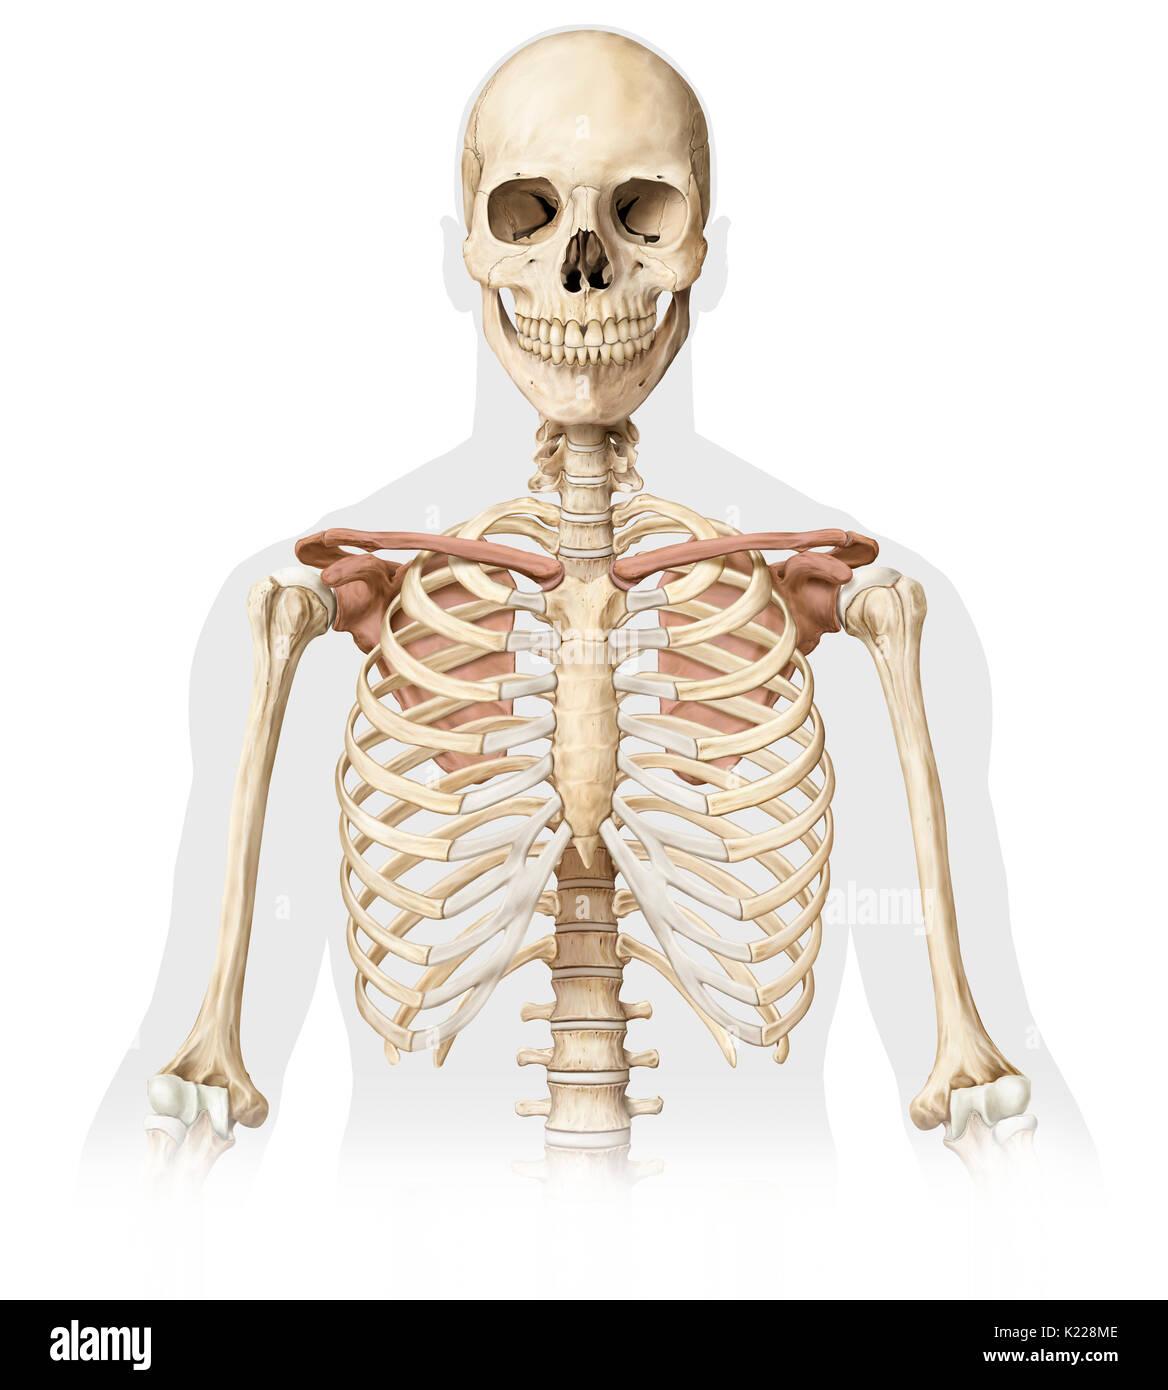 Diagram Of Bones